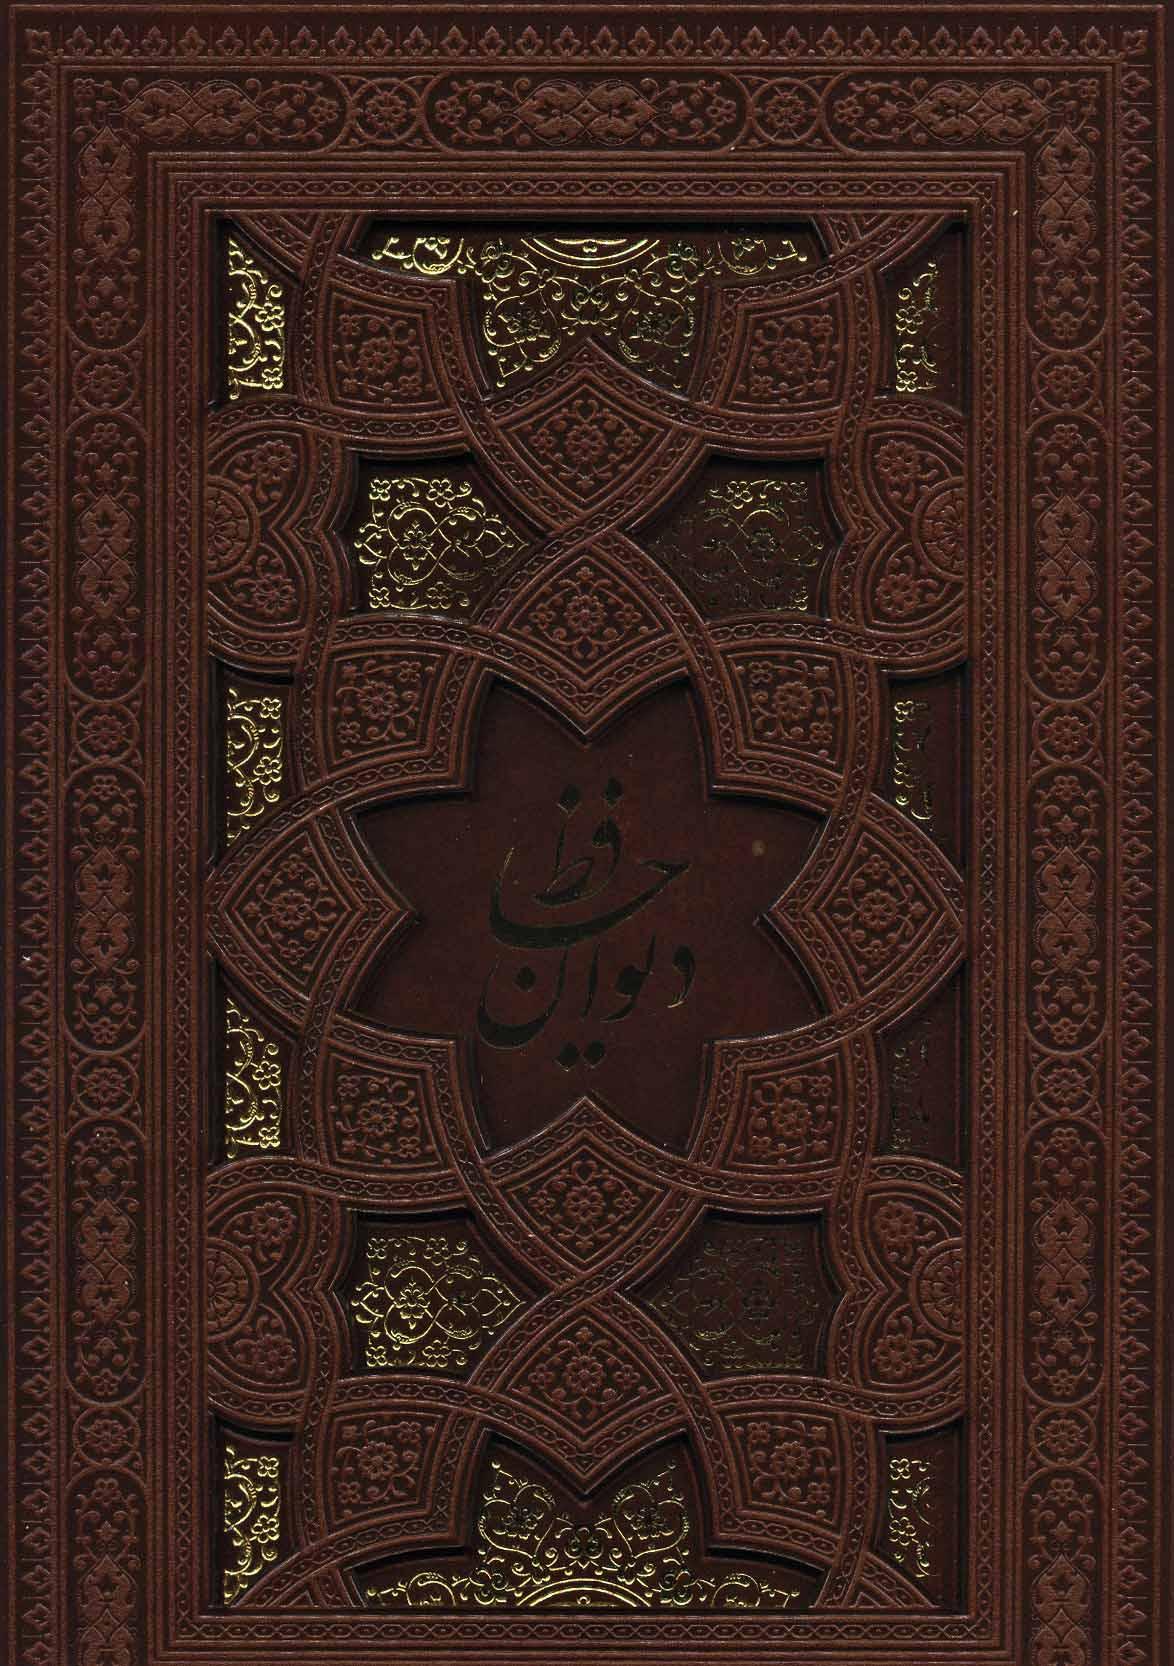 کتاب دیوان حافظ (۲زبانه، لب طلایی، ترمو، لیزری، باقاب)